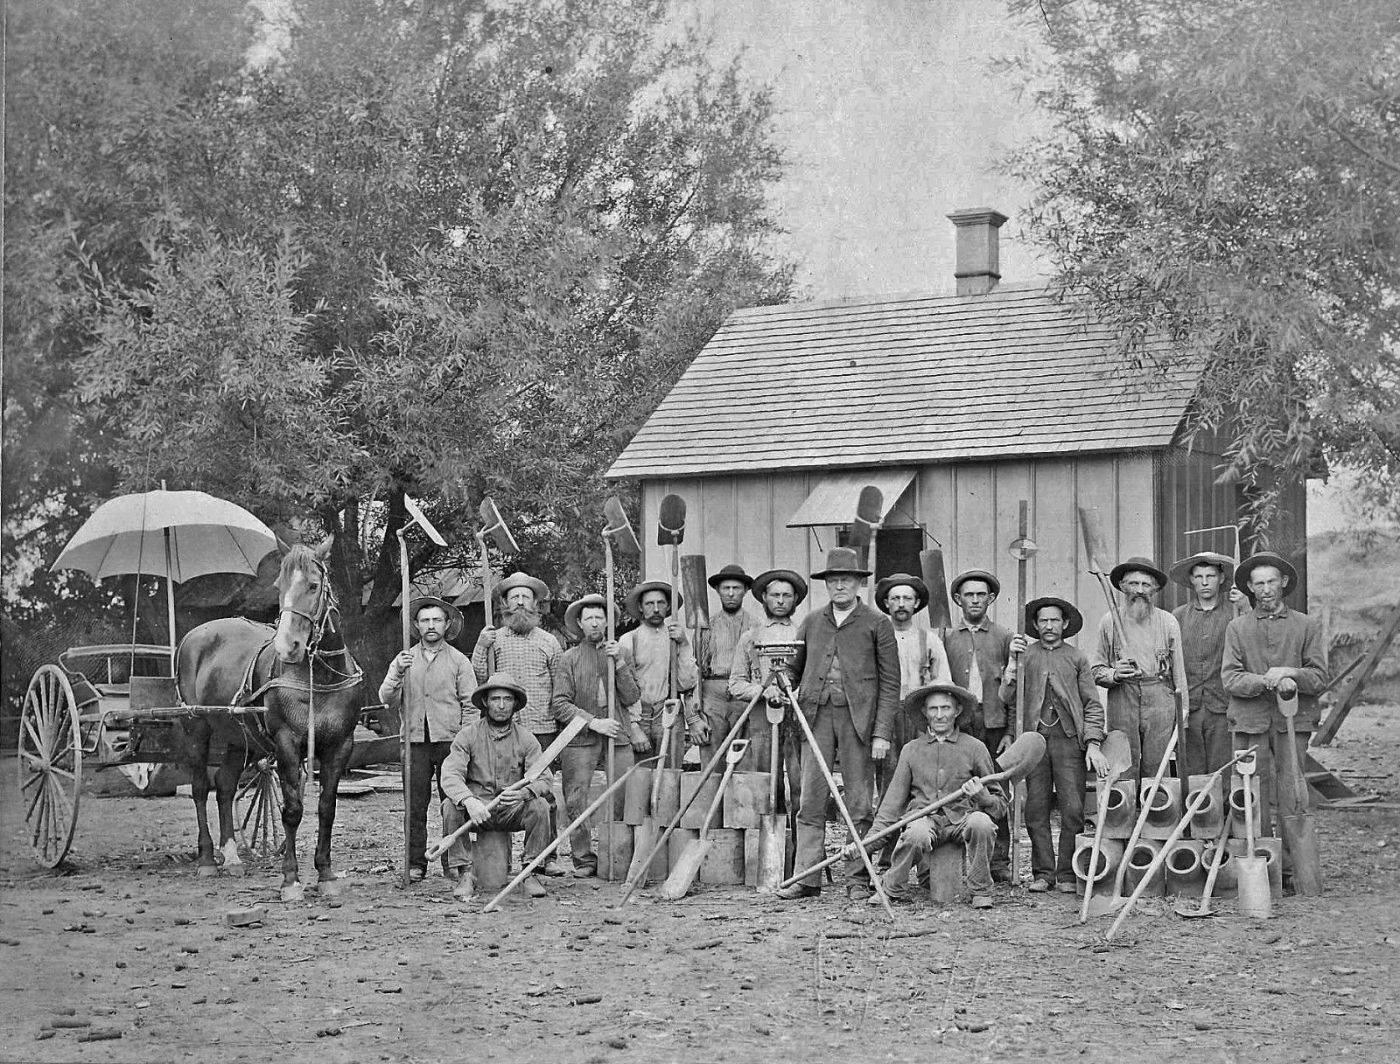 Land Surveyors United Community